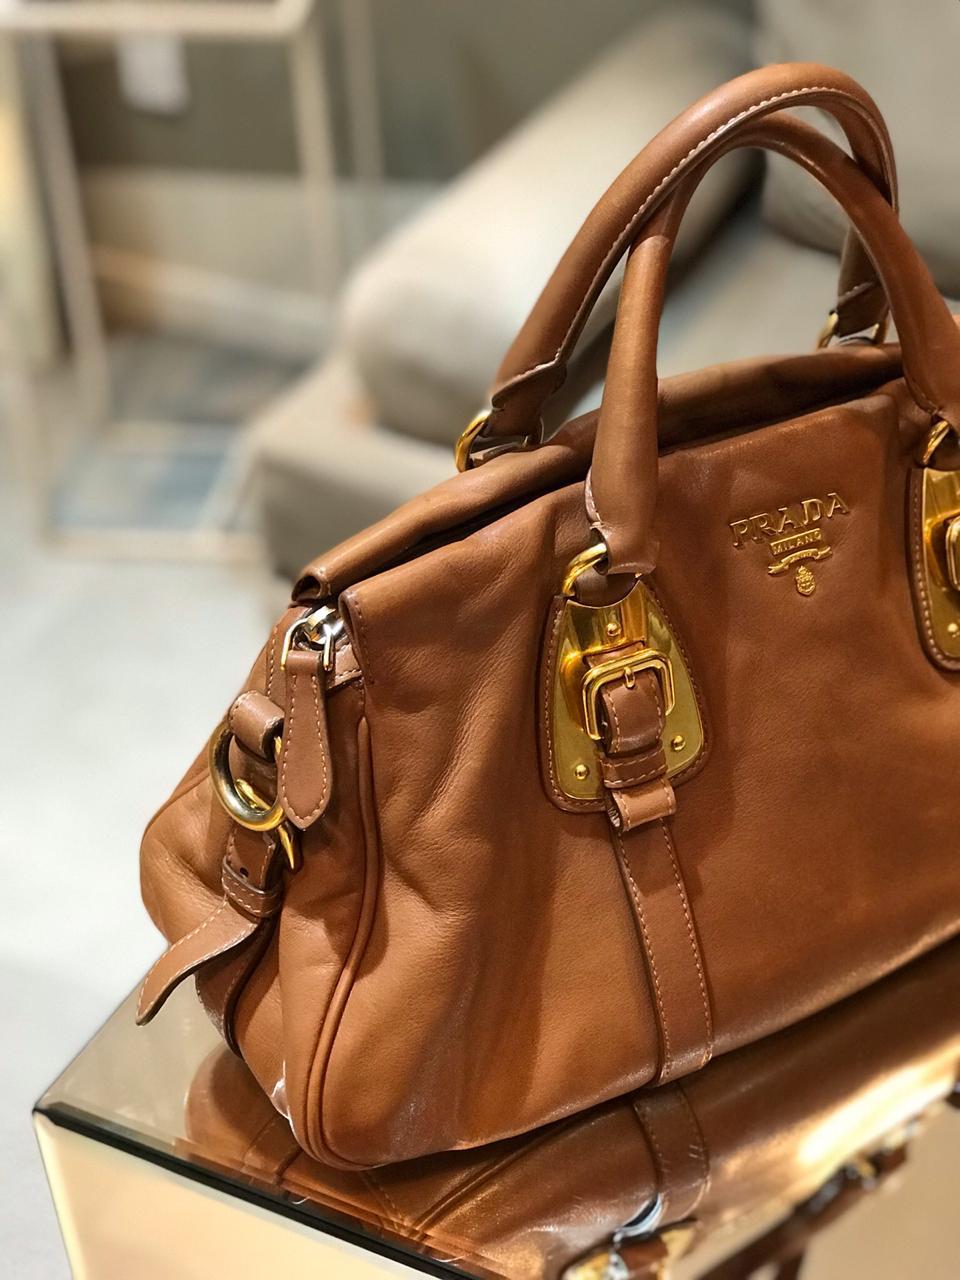 844f62286 Bolsa Prada Caramelo - Paula Frank | Bolsas de luxo originais, novas ...